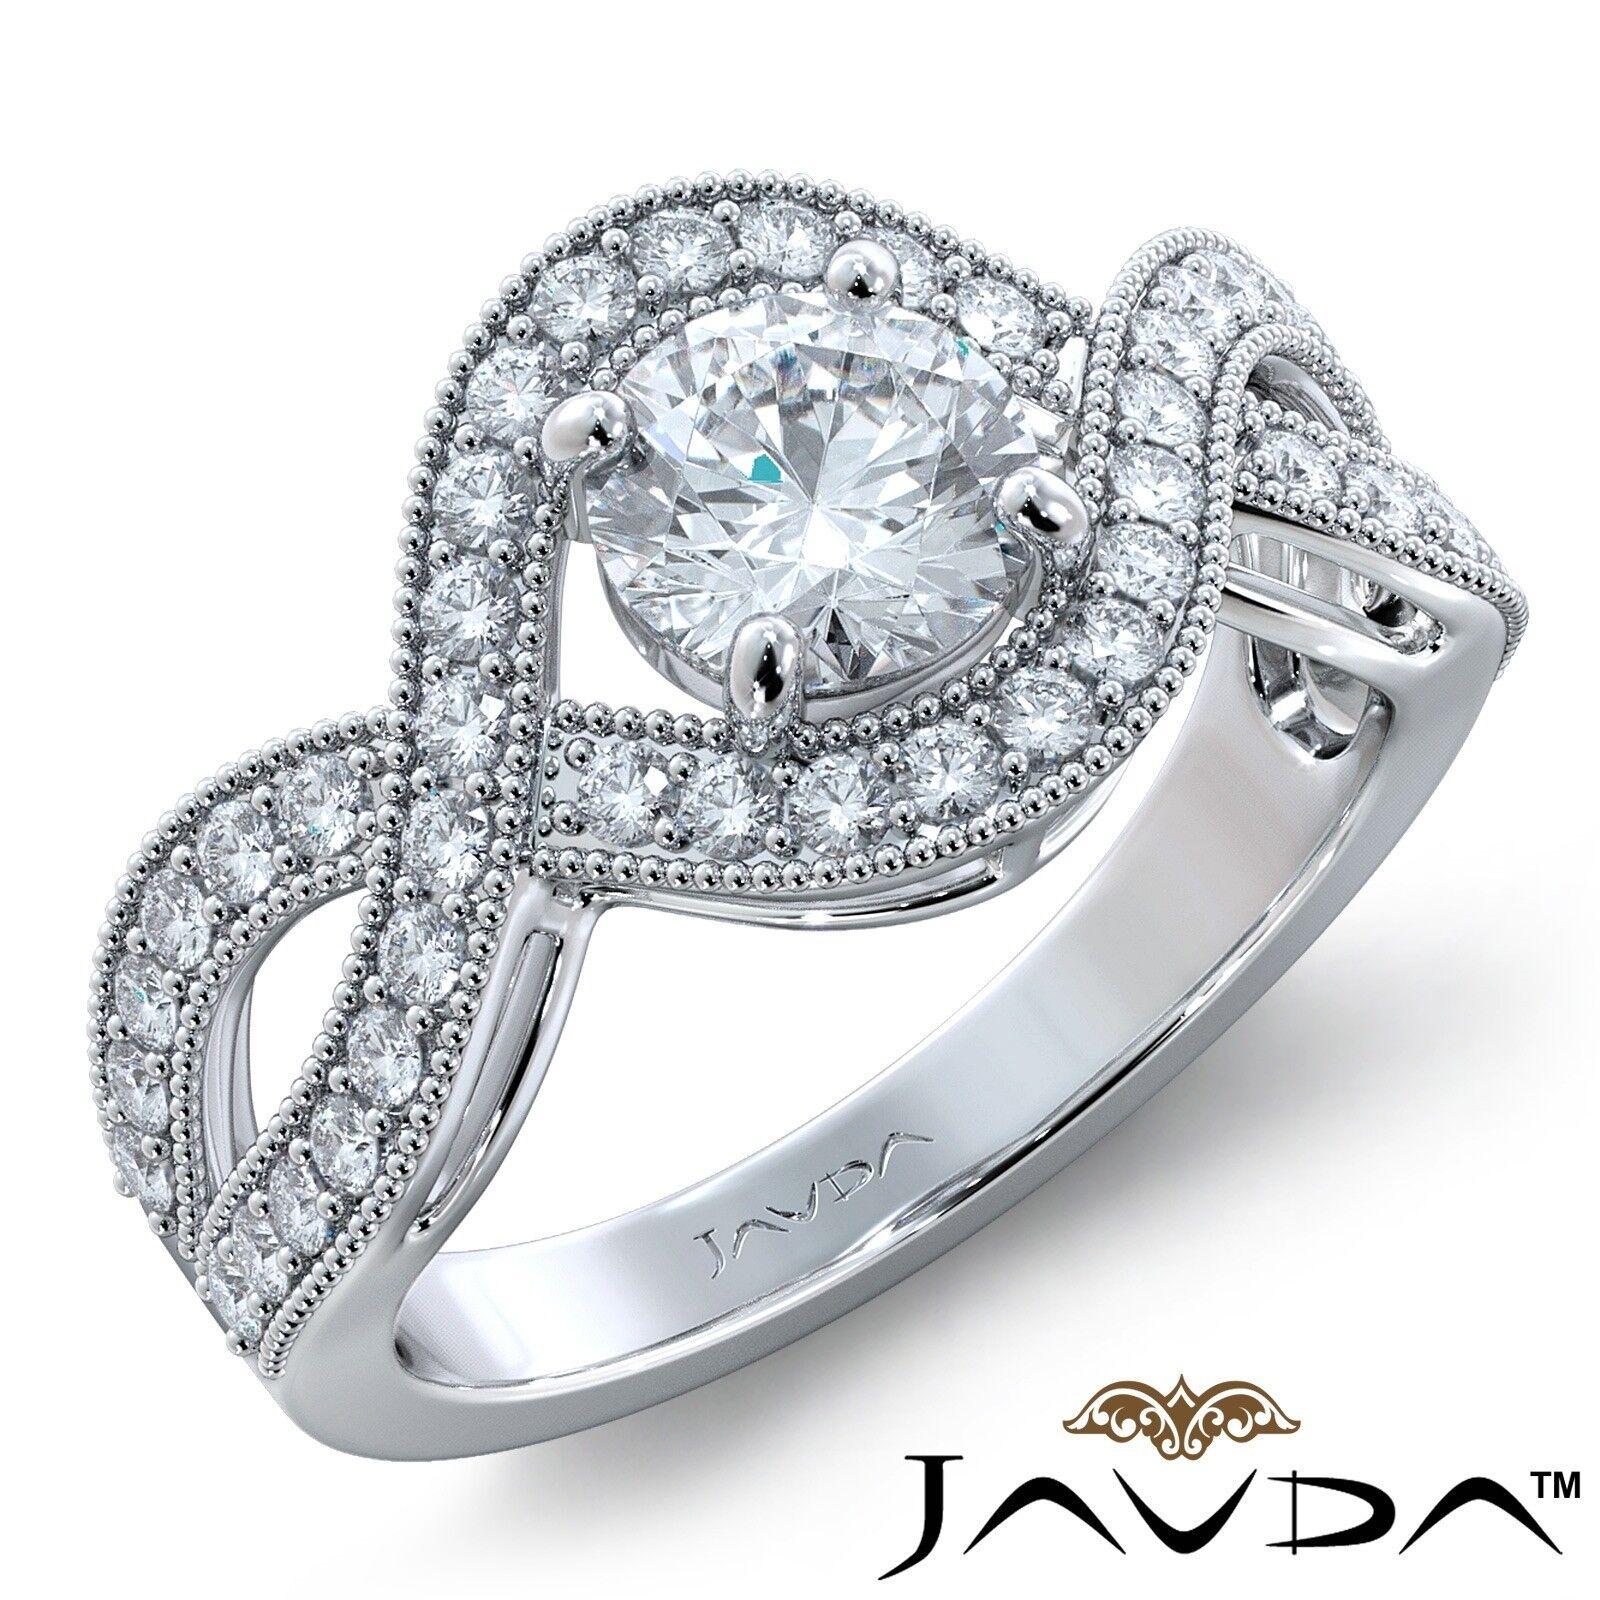 1.25ctw Milgrain Halo Side Stone Round Diamond Engagement Ring GIA I-SI2 W Gold